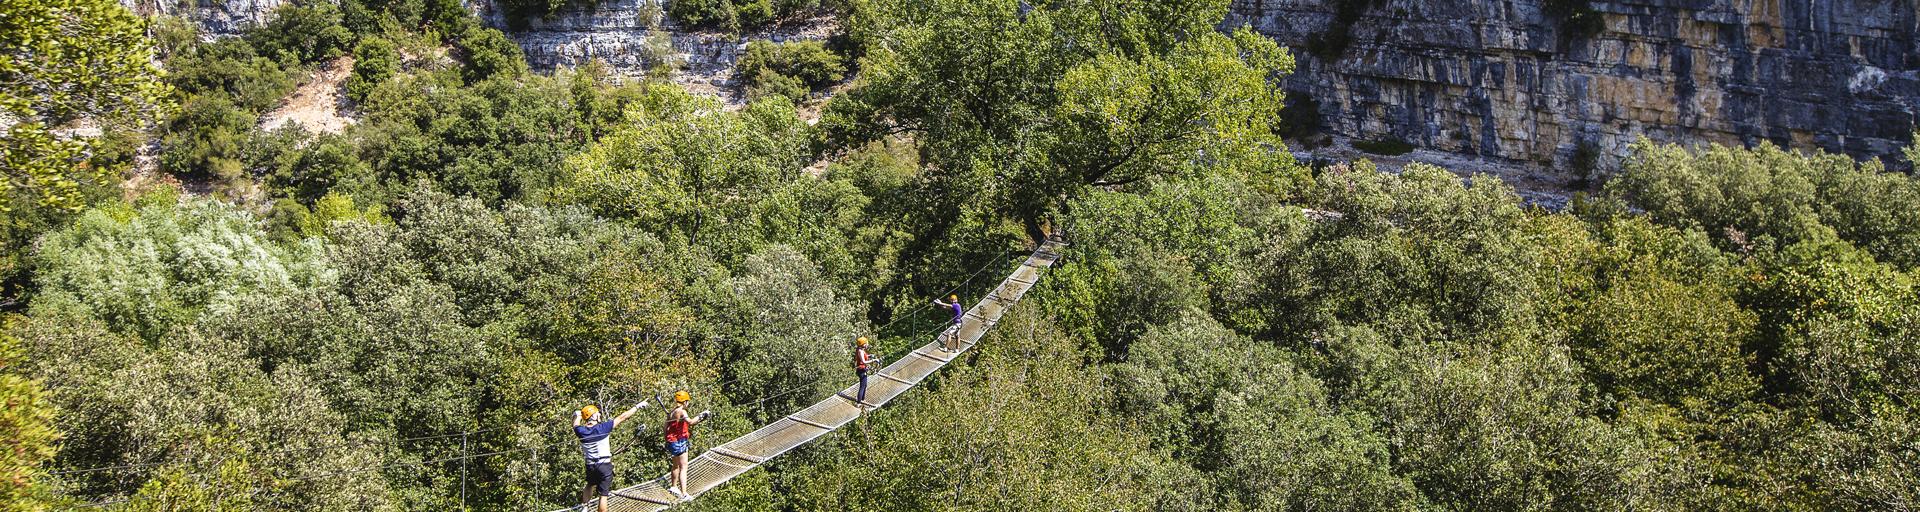 Au dessus des arbres un immense pont de cordes et filet